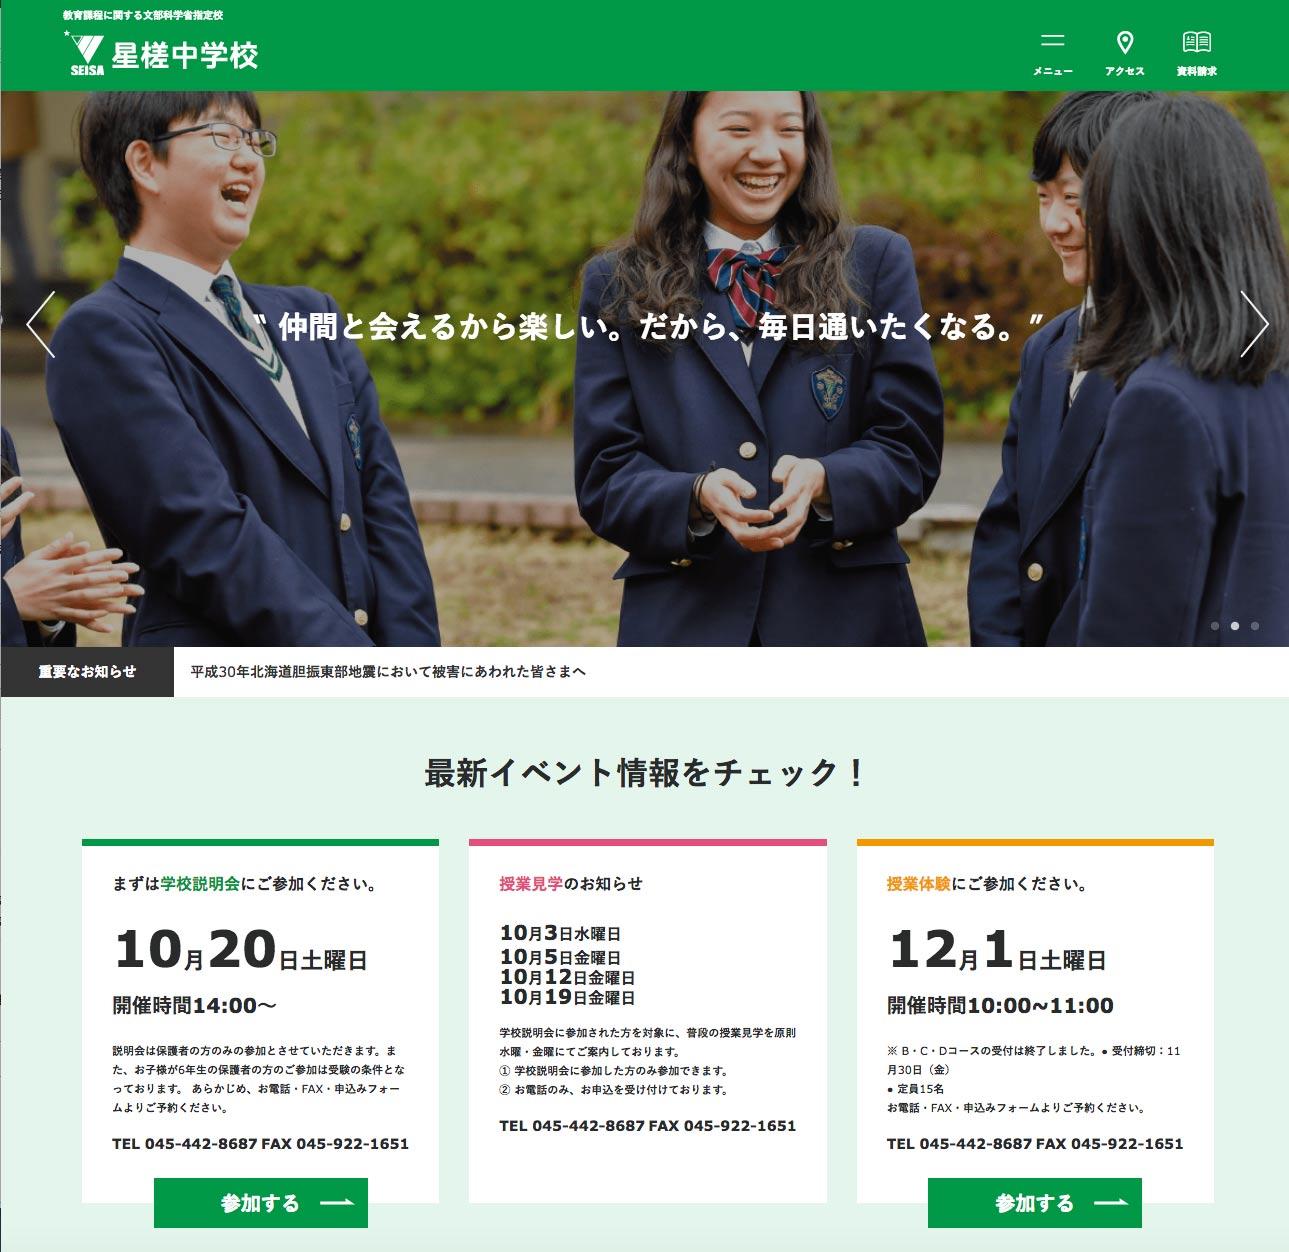 星槎中学校のホームページ